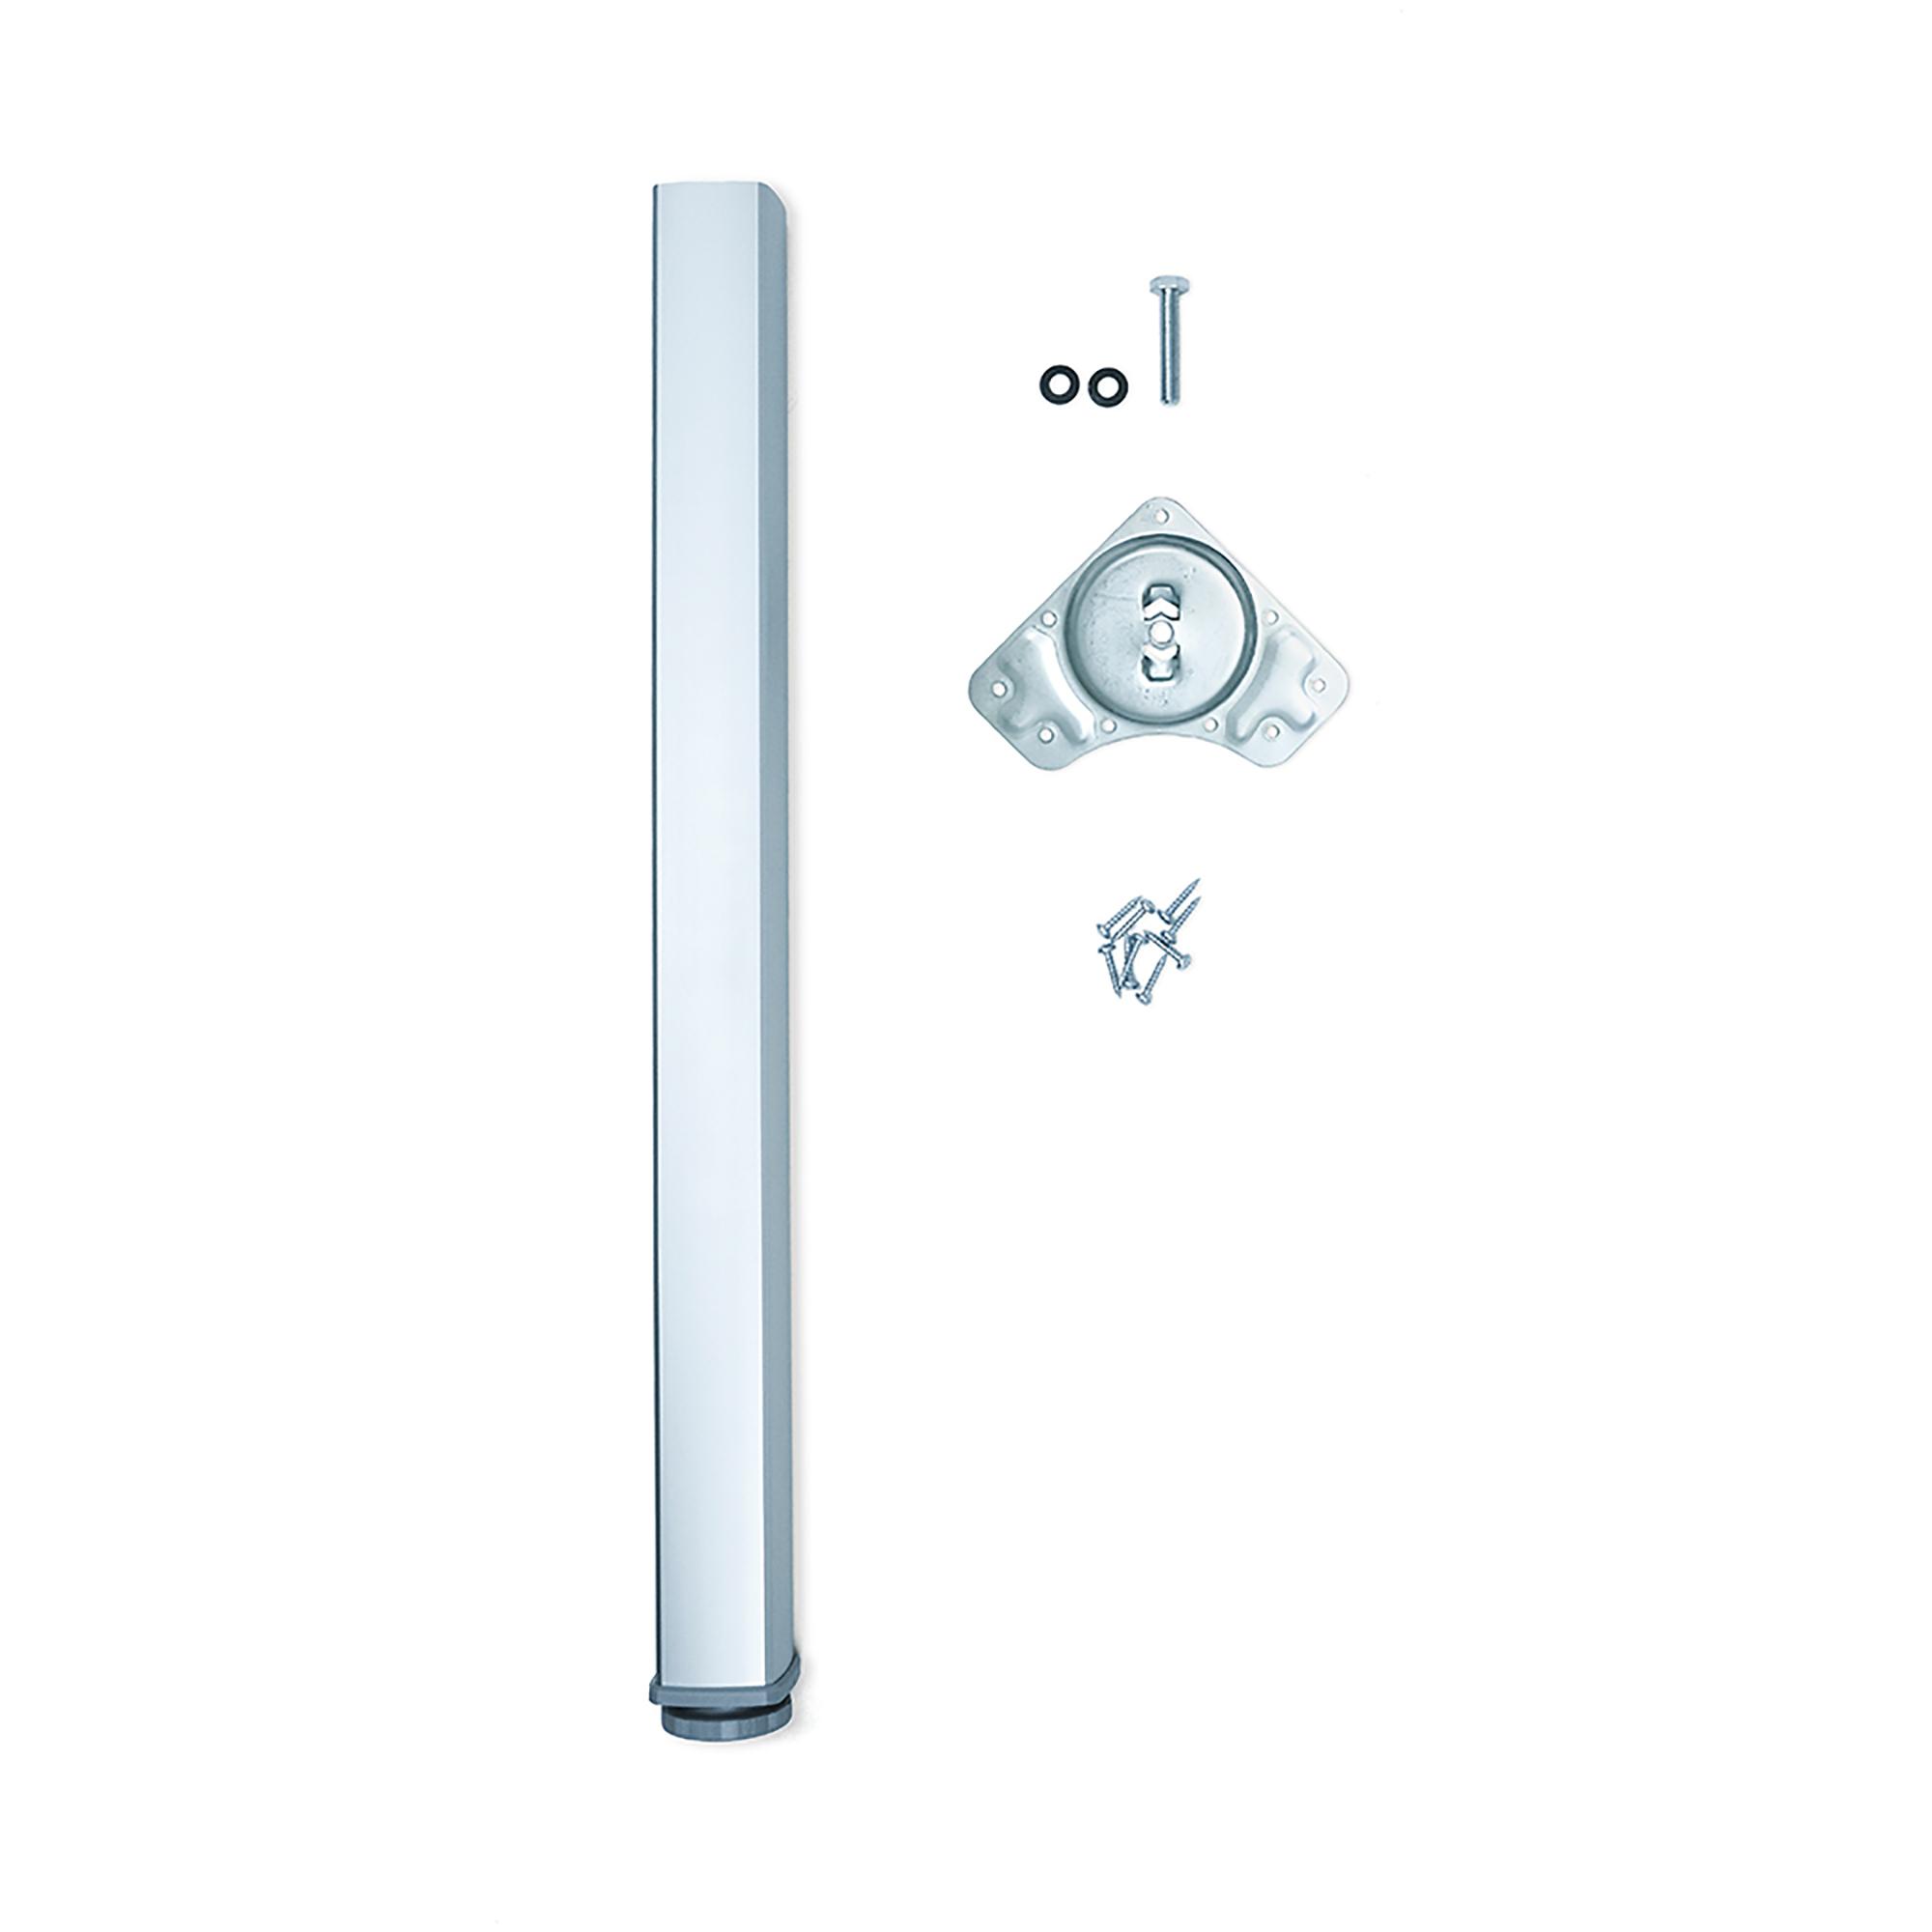 Emuca Gamba per tavolo, quadrata, regolabile 830-850 mm, Alluminio, Anodizzato opaco